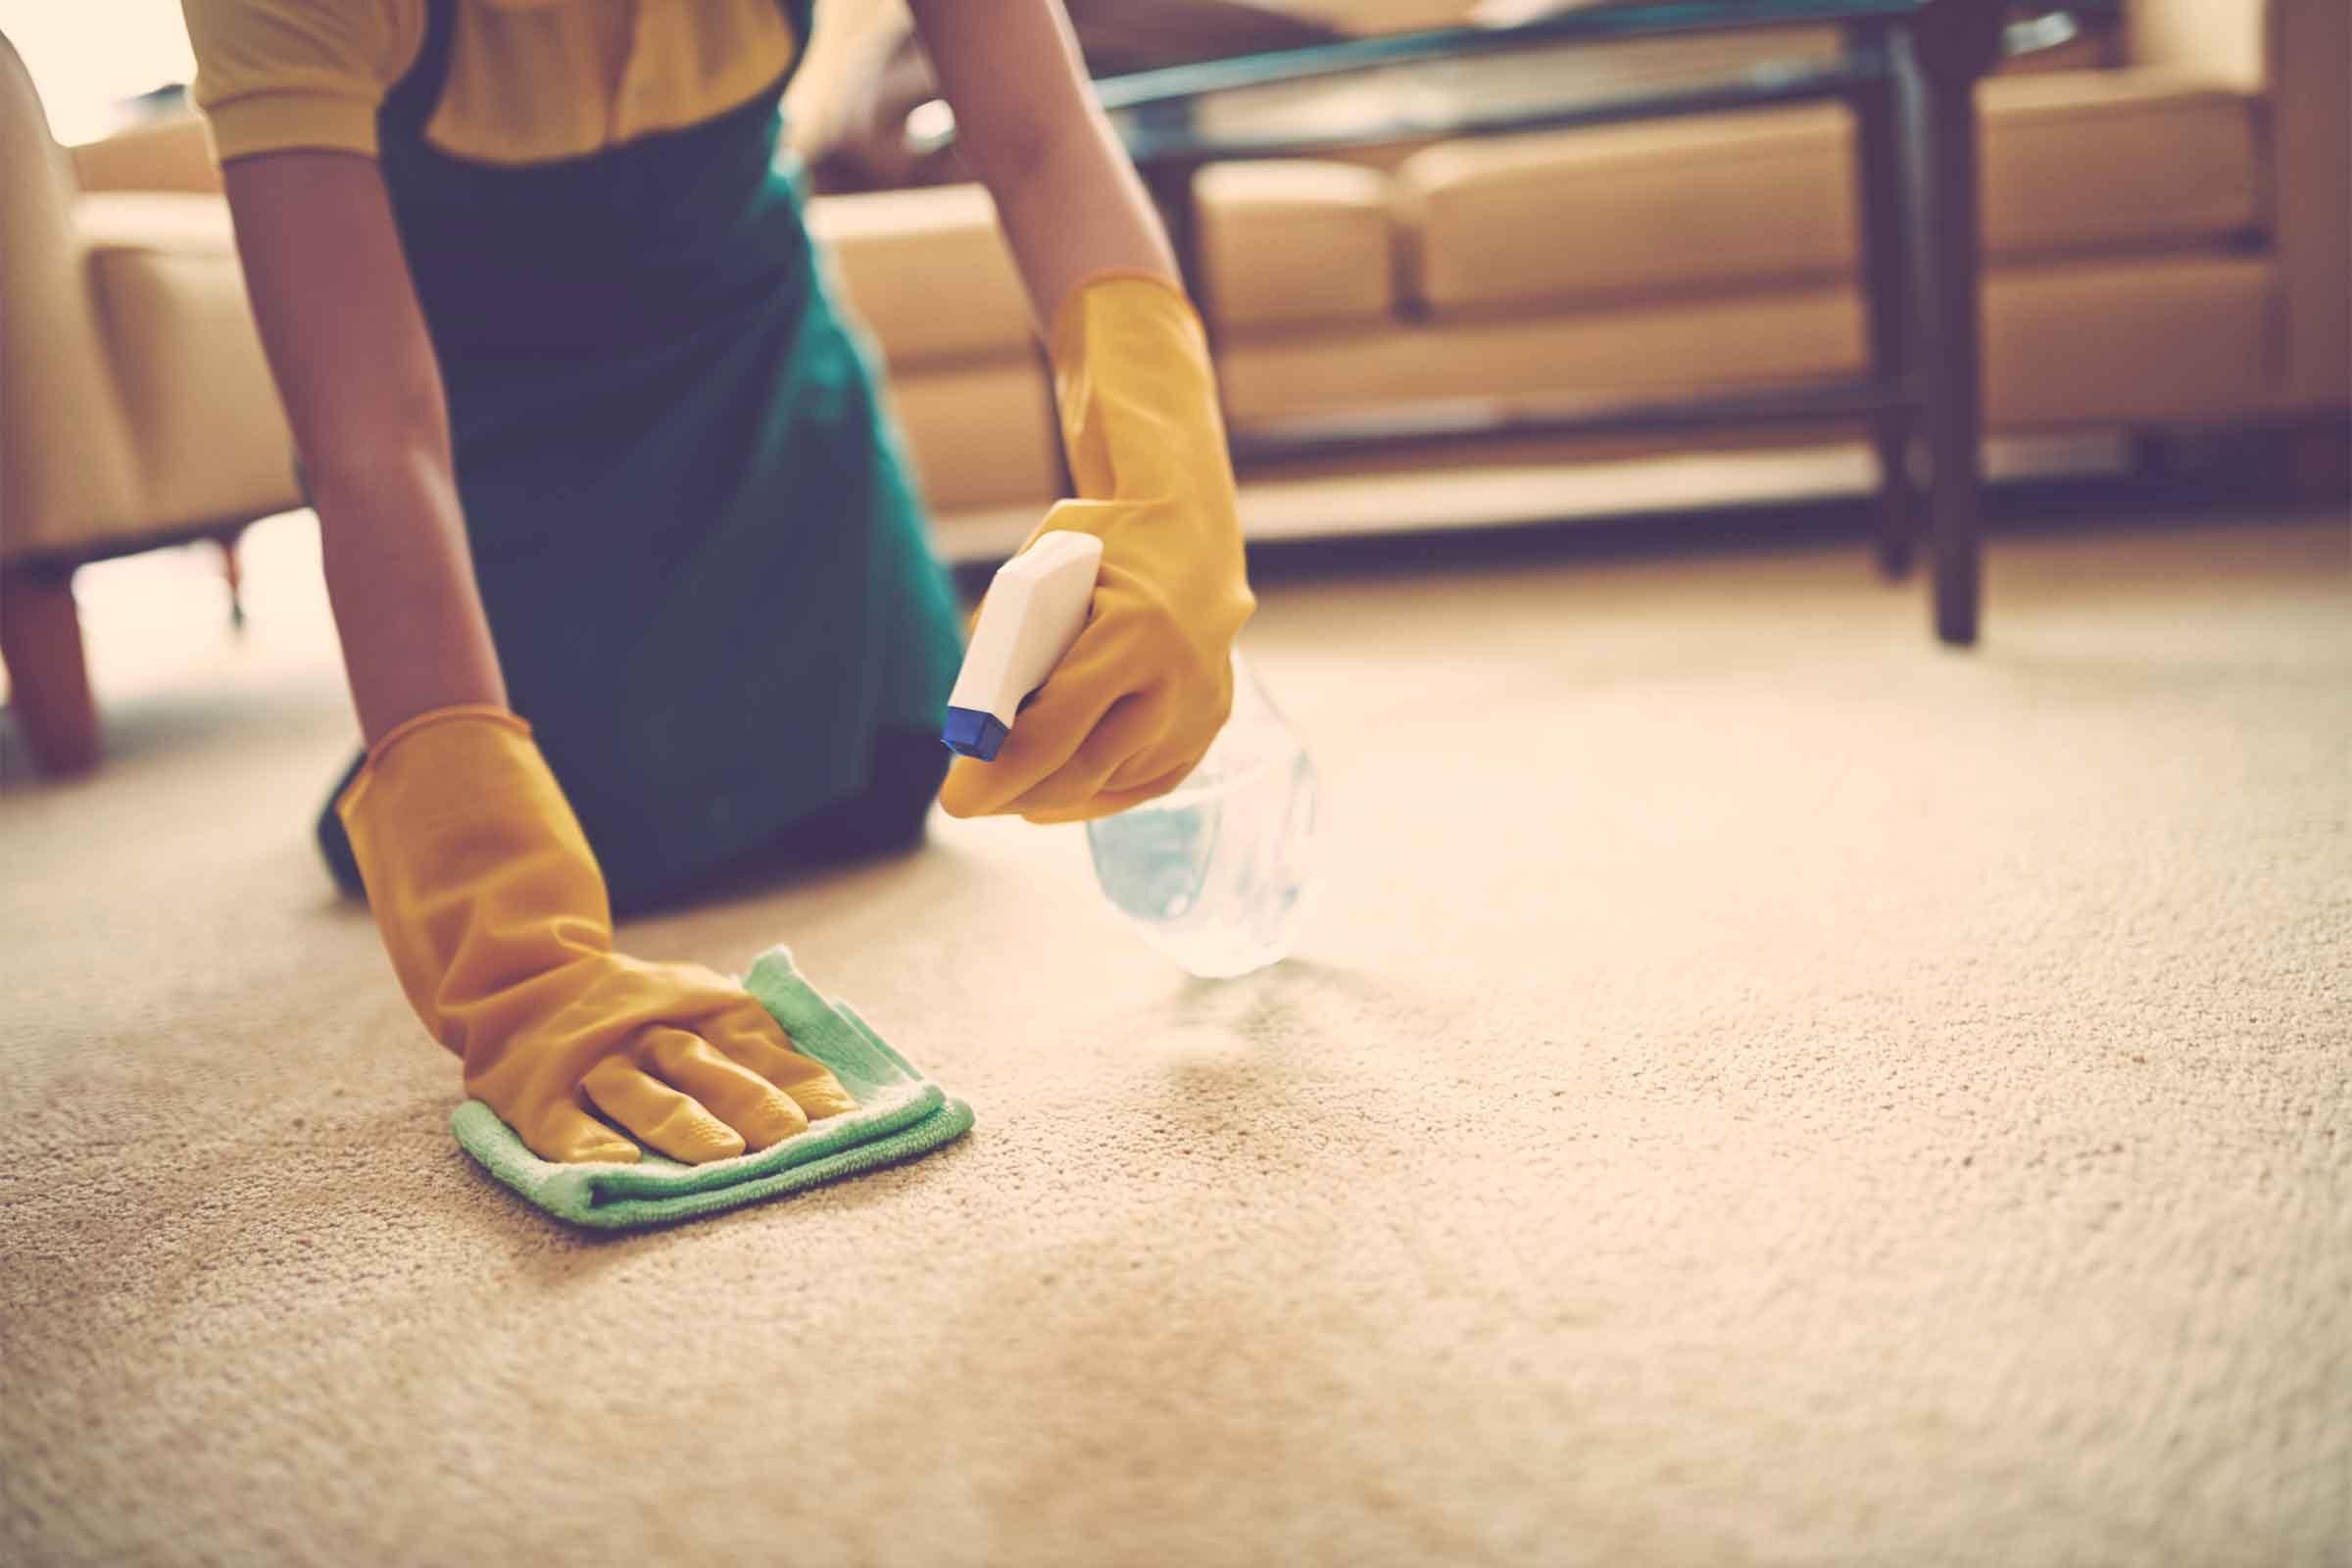 Как почистить ковер в домашних условиях быстро и эффективно фото